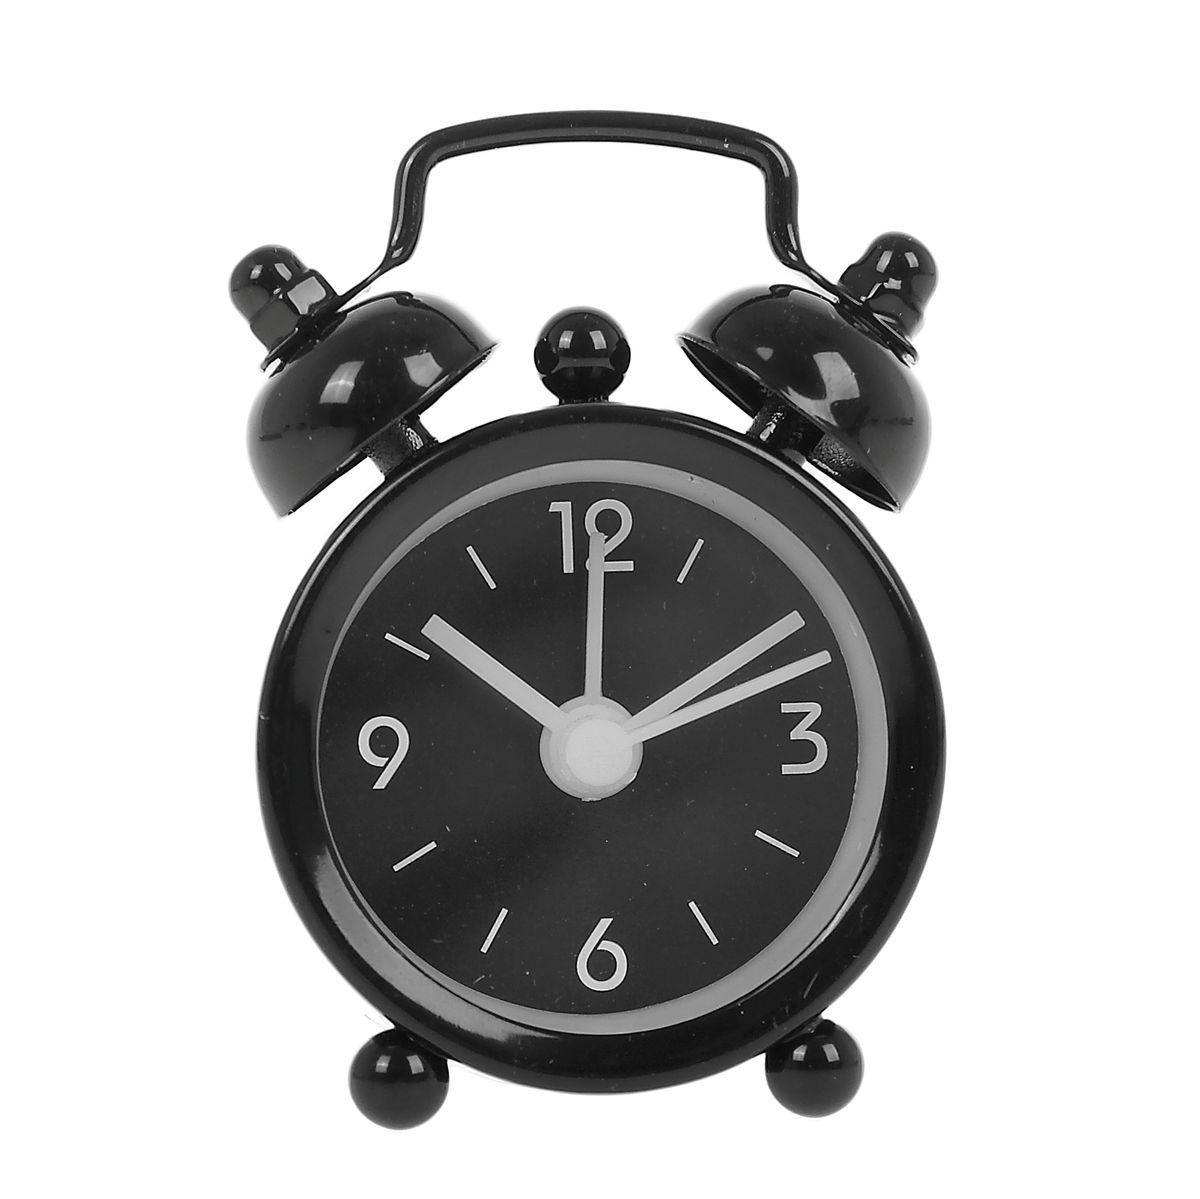 Часы-будильник Sima-land Супермини, цвет: черный669612Как же сложно иногда вставать вовремя! Всегда так хочется поспать еще хотя бы 5 минут и бывает, что мы просыпаем. Теперь этого не случится! Яркий, оригинальный мини-будильник Sima-land поможет вам всегда вставать в нужное время и успевать везде и всюду.Корпус будильника выполнен из металла. Часы снабжены 4 стрелками (секундная, минутная, часовая и для будильника). На задней панели будильника расположен переключатель включения/выключения механизма, а также два колесика для настройки текущего времени и времени звонка будильника. Пользоваться будильником очень легко: нужно всего лишь поставить батарейку, настроить точное время и установить время звонка. Часы работают от 1 батарейки типа LR44 (входит в комплект).